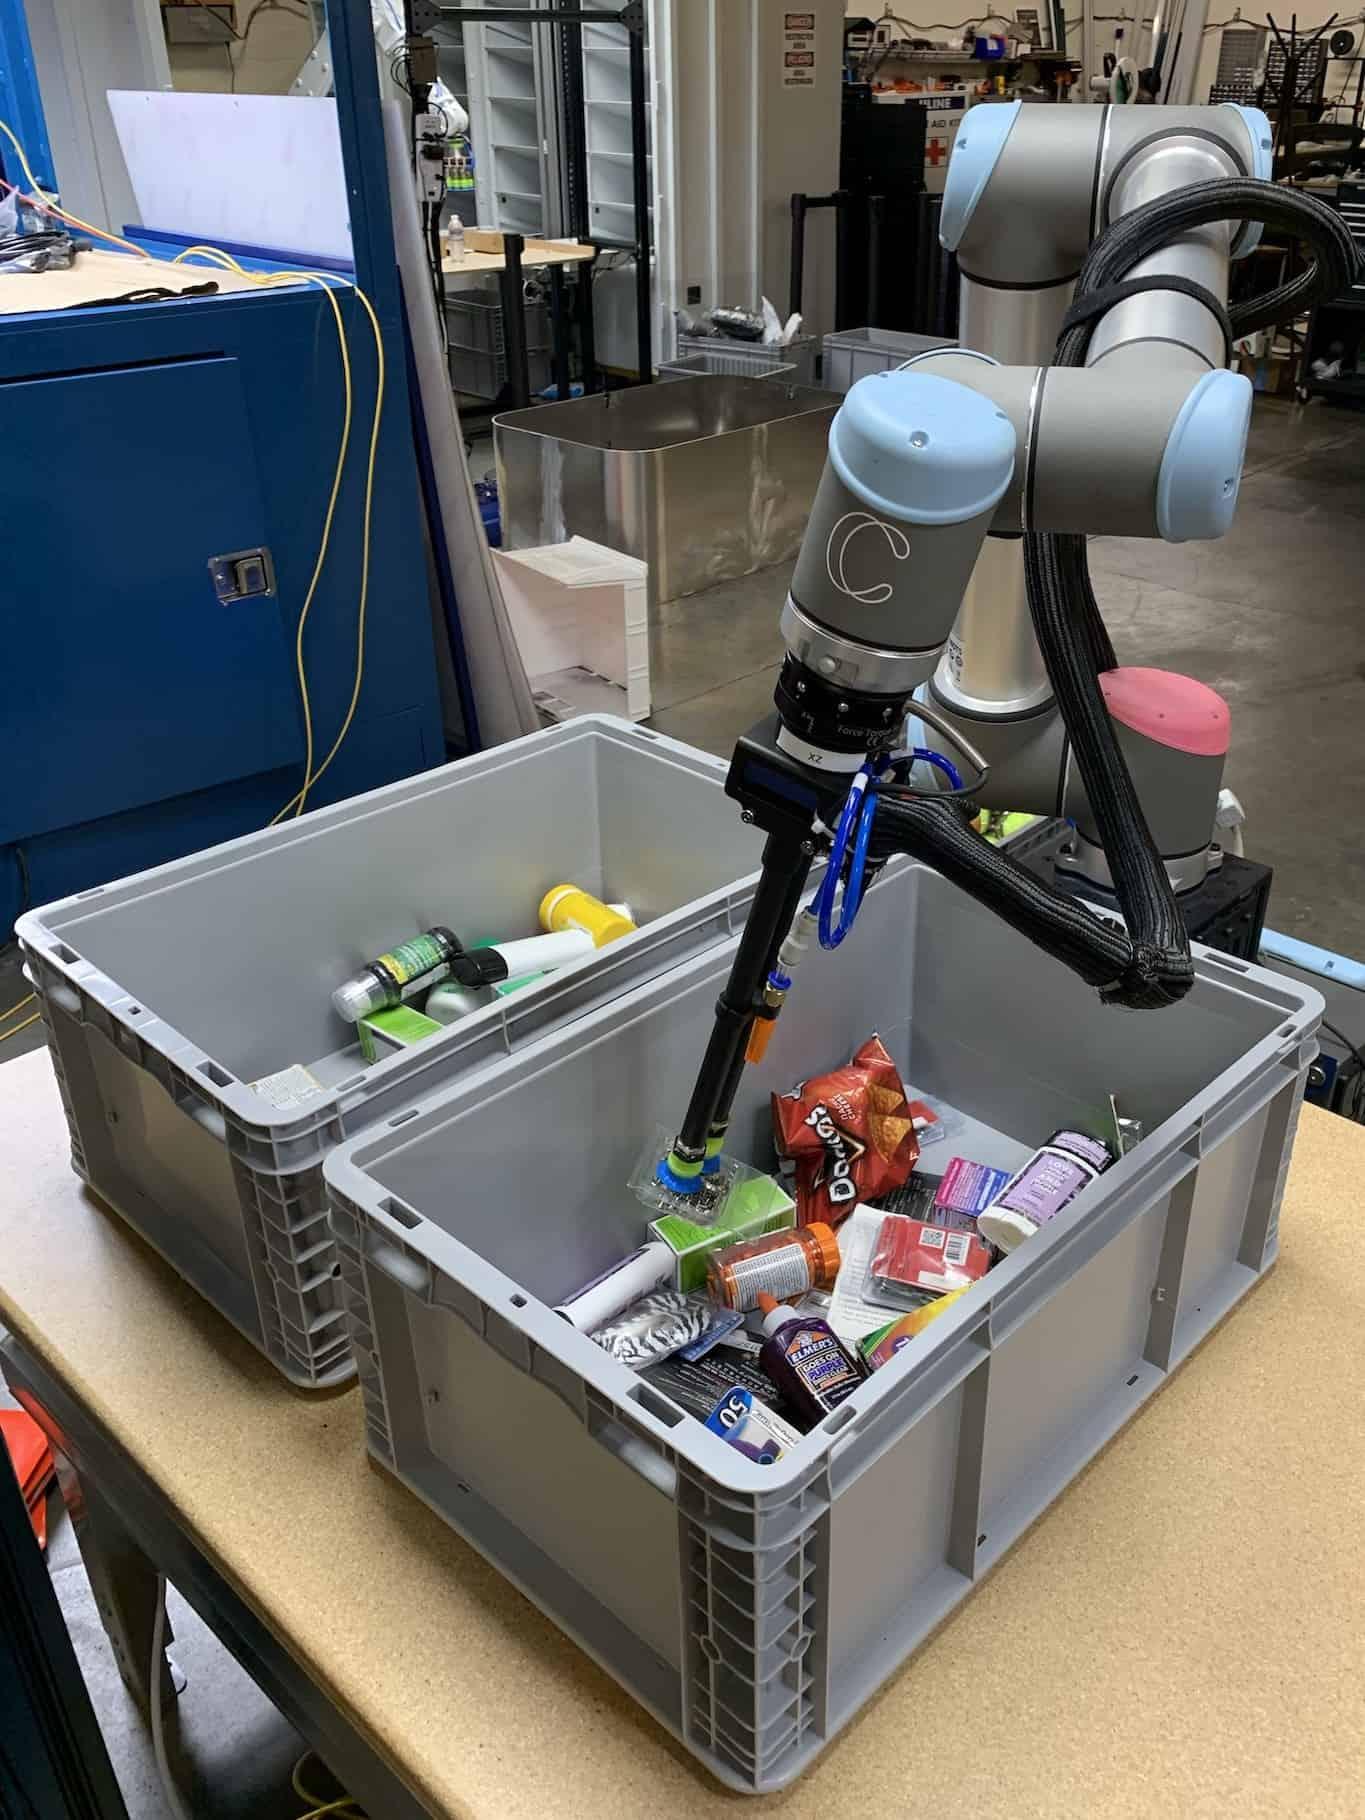 ذراع روبوتية تعمل في المستودعات